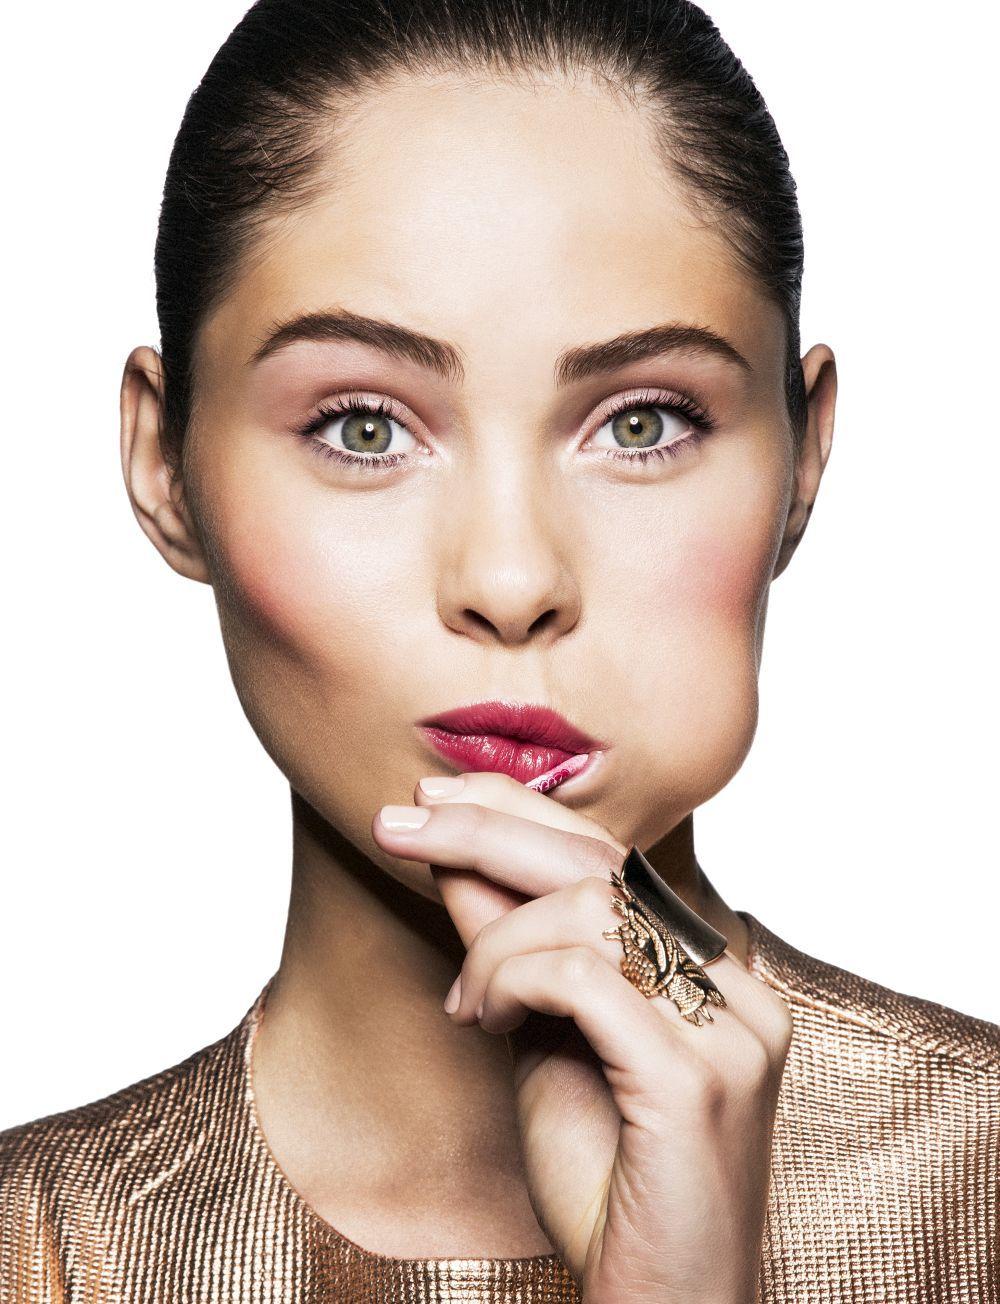 La L-carnosina presente en algunas cremas y cosméticos reduce la glicación de las células de la piel en un 130 por ciento.